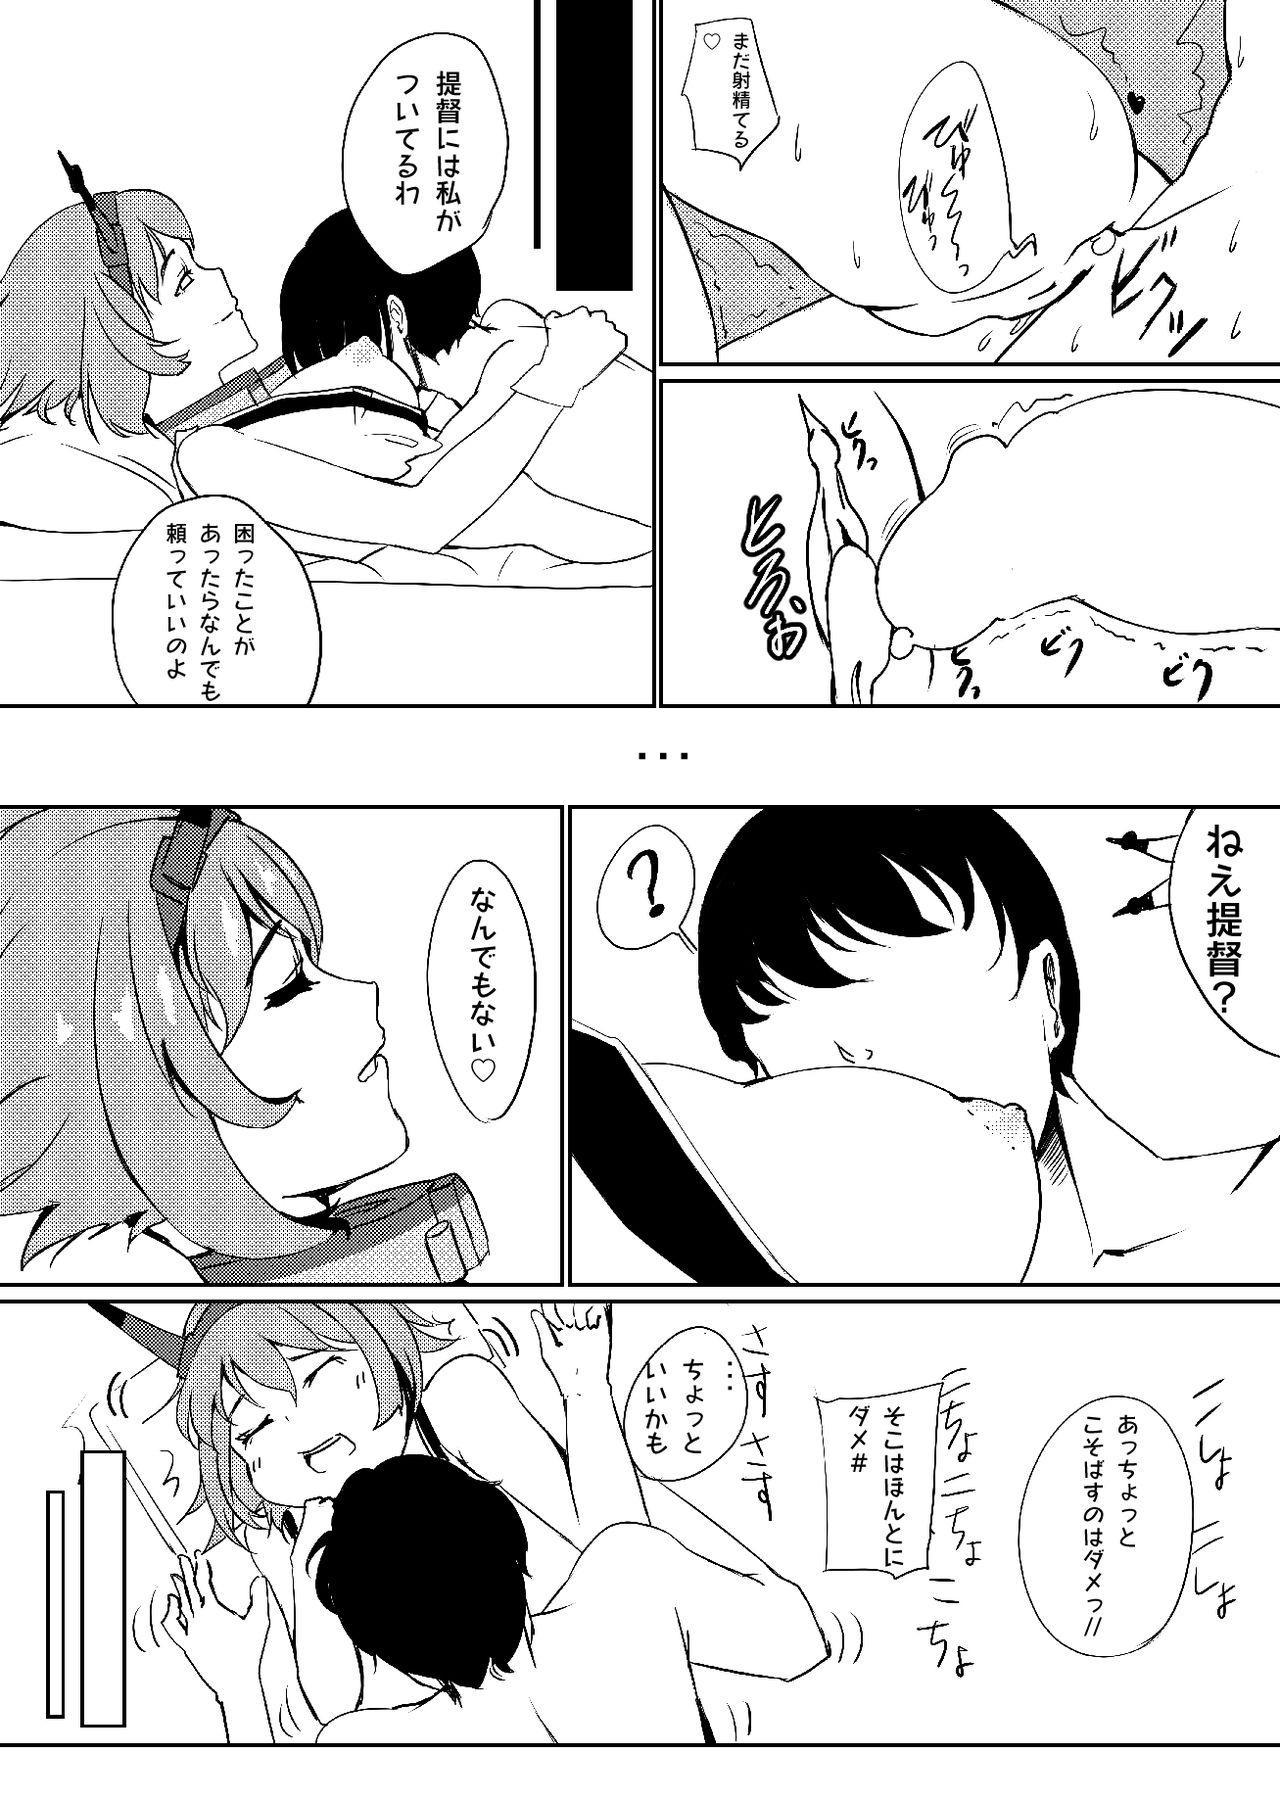 Utsubyou Teitoku no Tame no Mutsu 12